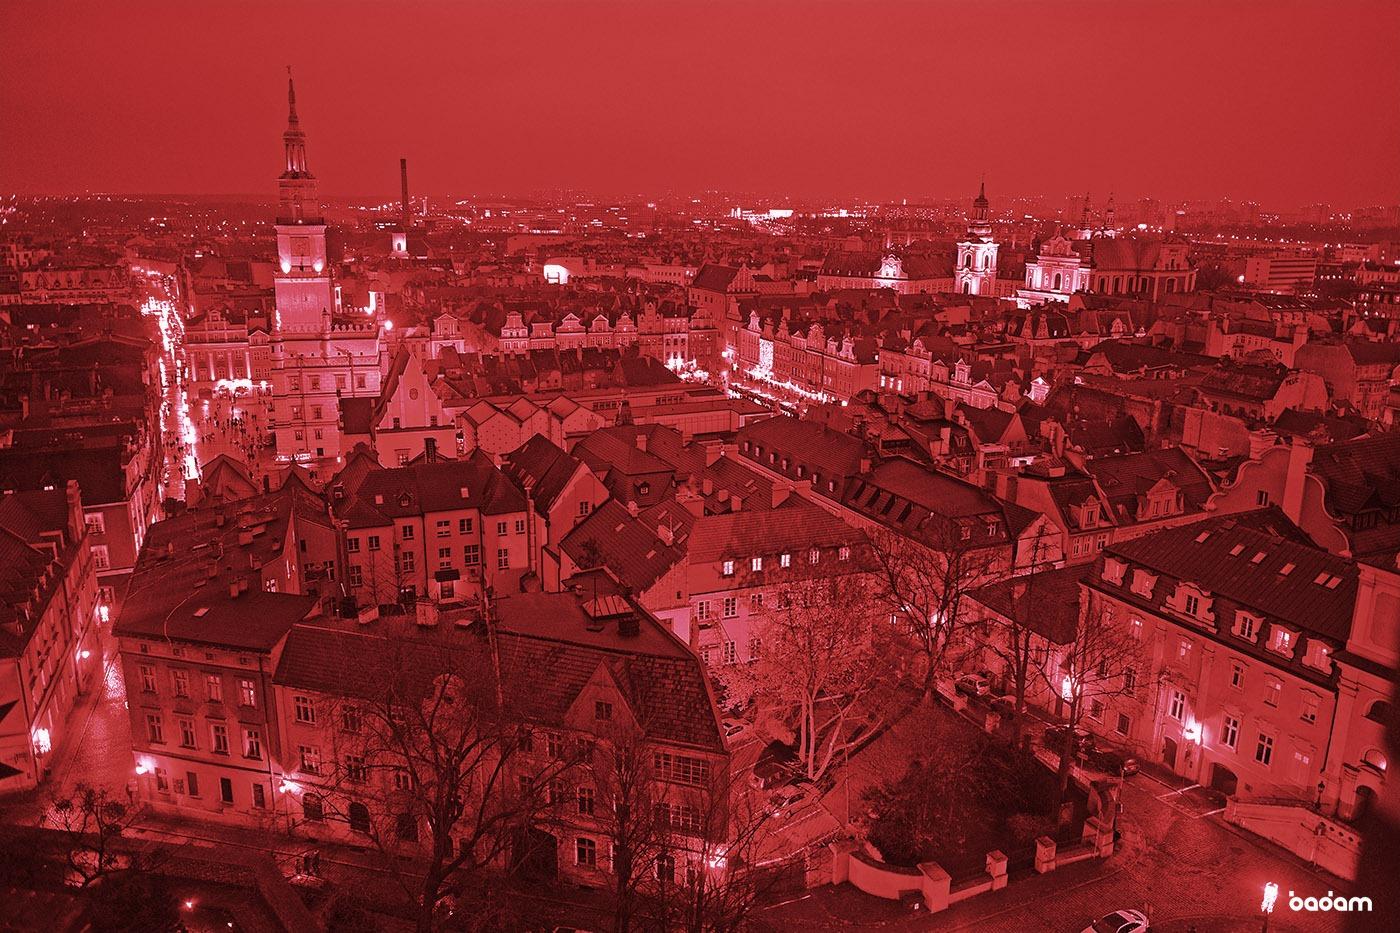 Na zdjęciu widzimy nocną panoramę Poznania